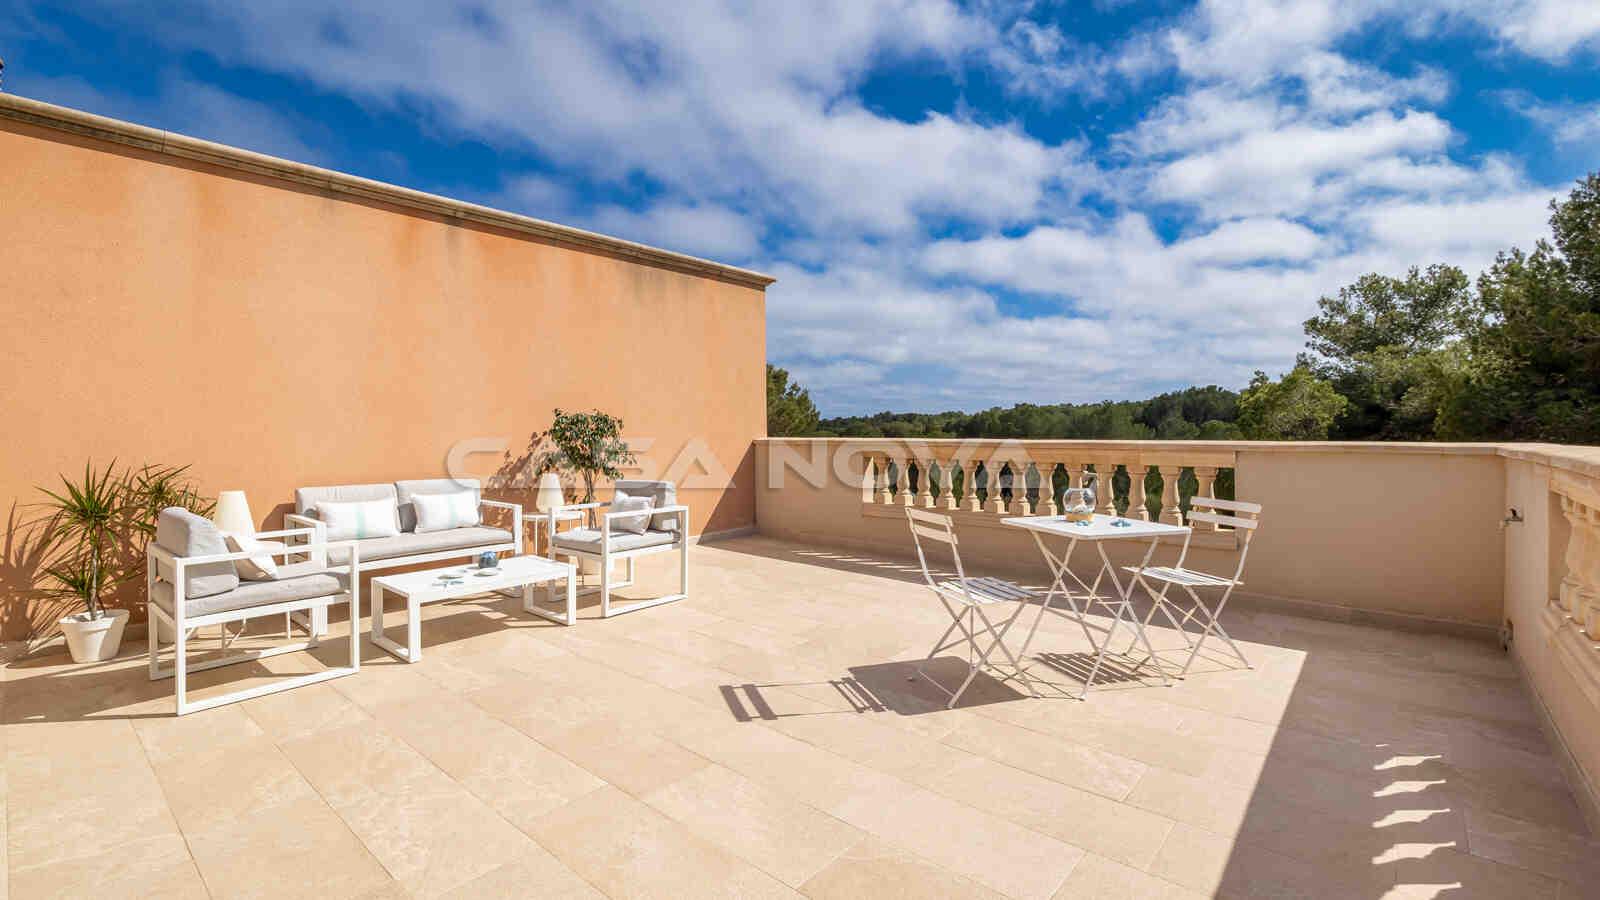 Weitläufige Terrasse mit Chillout - Bereich